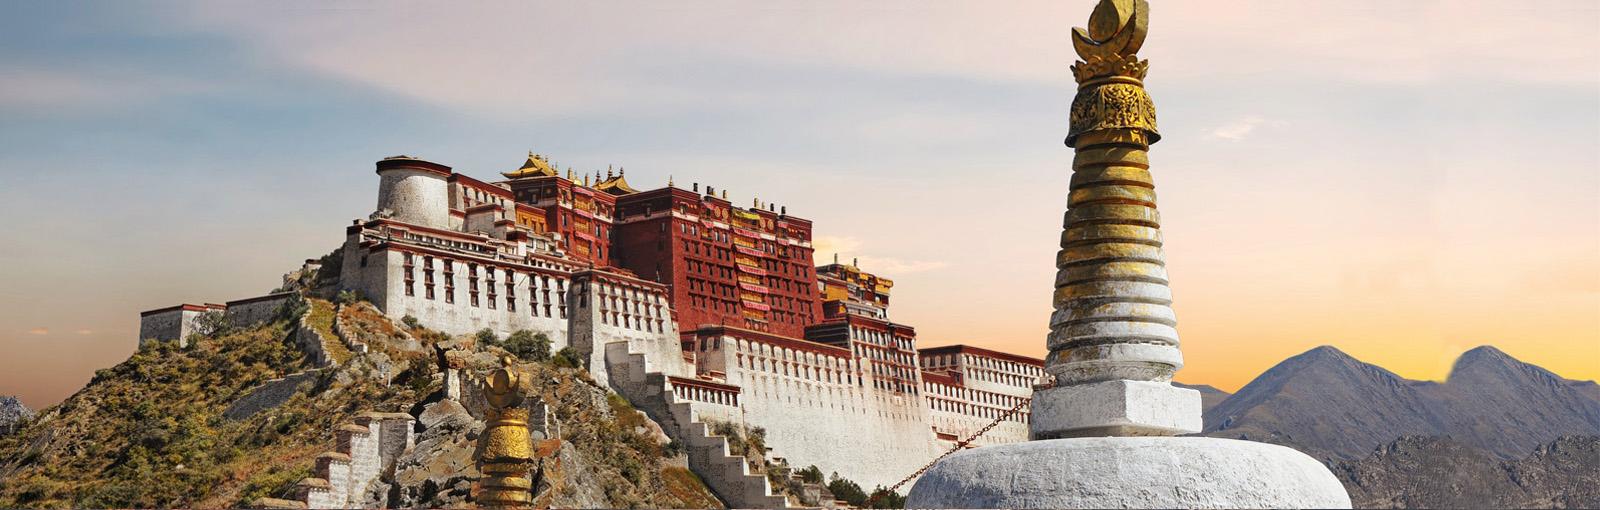 Tibet Group Tour,Lhasa Tours